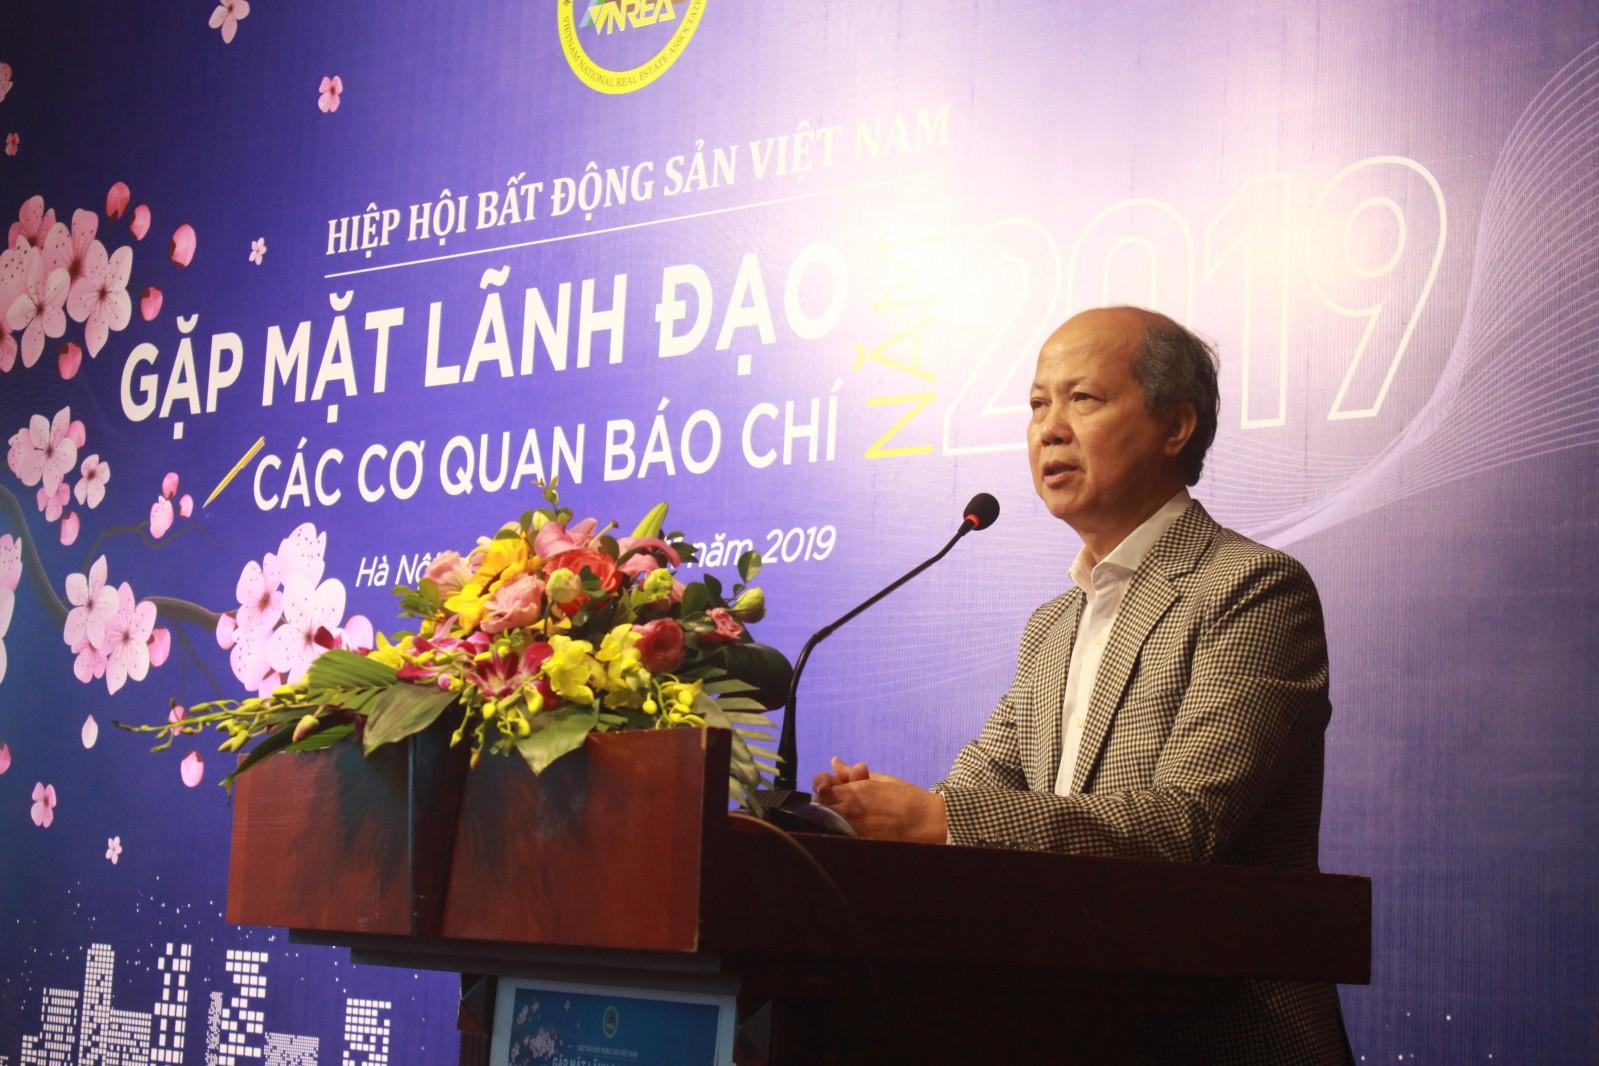 Chủ tịch Nguyễn Trần Nam chia sẻ tại buổi gặp mặt